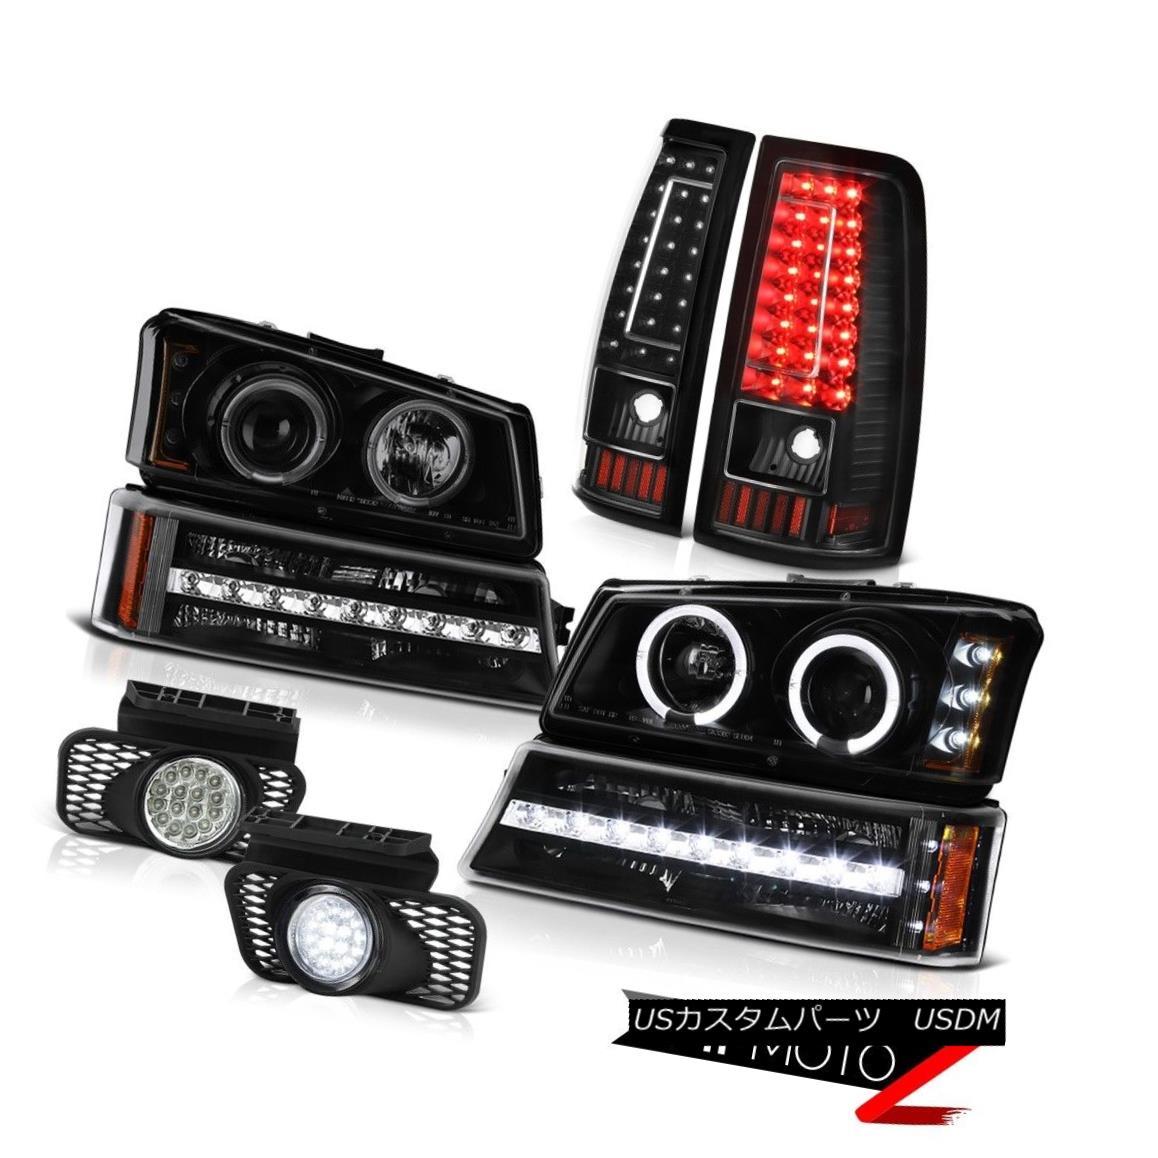 ヘッドライト 2003-2006 Silverado 2500Hd Euro Chrome Fog Lamps Tail Signal Light Headlamps 2003-2006 Silverado 2500Hdユーロクロームフォグランプテールシグナルライトヘッドランプ